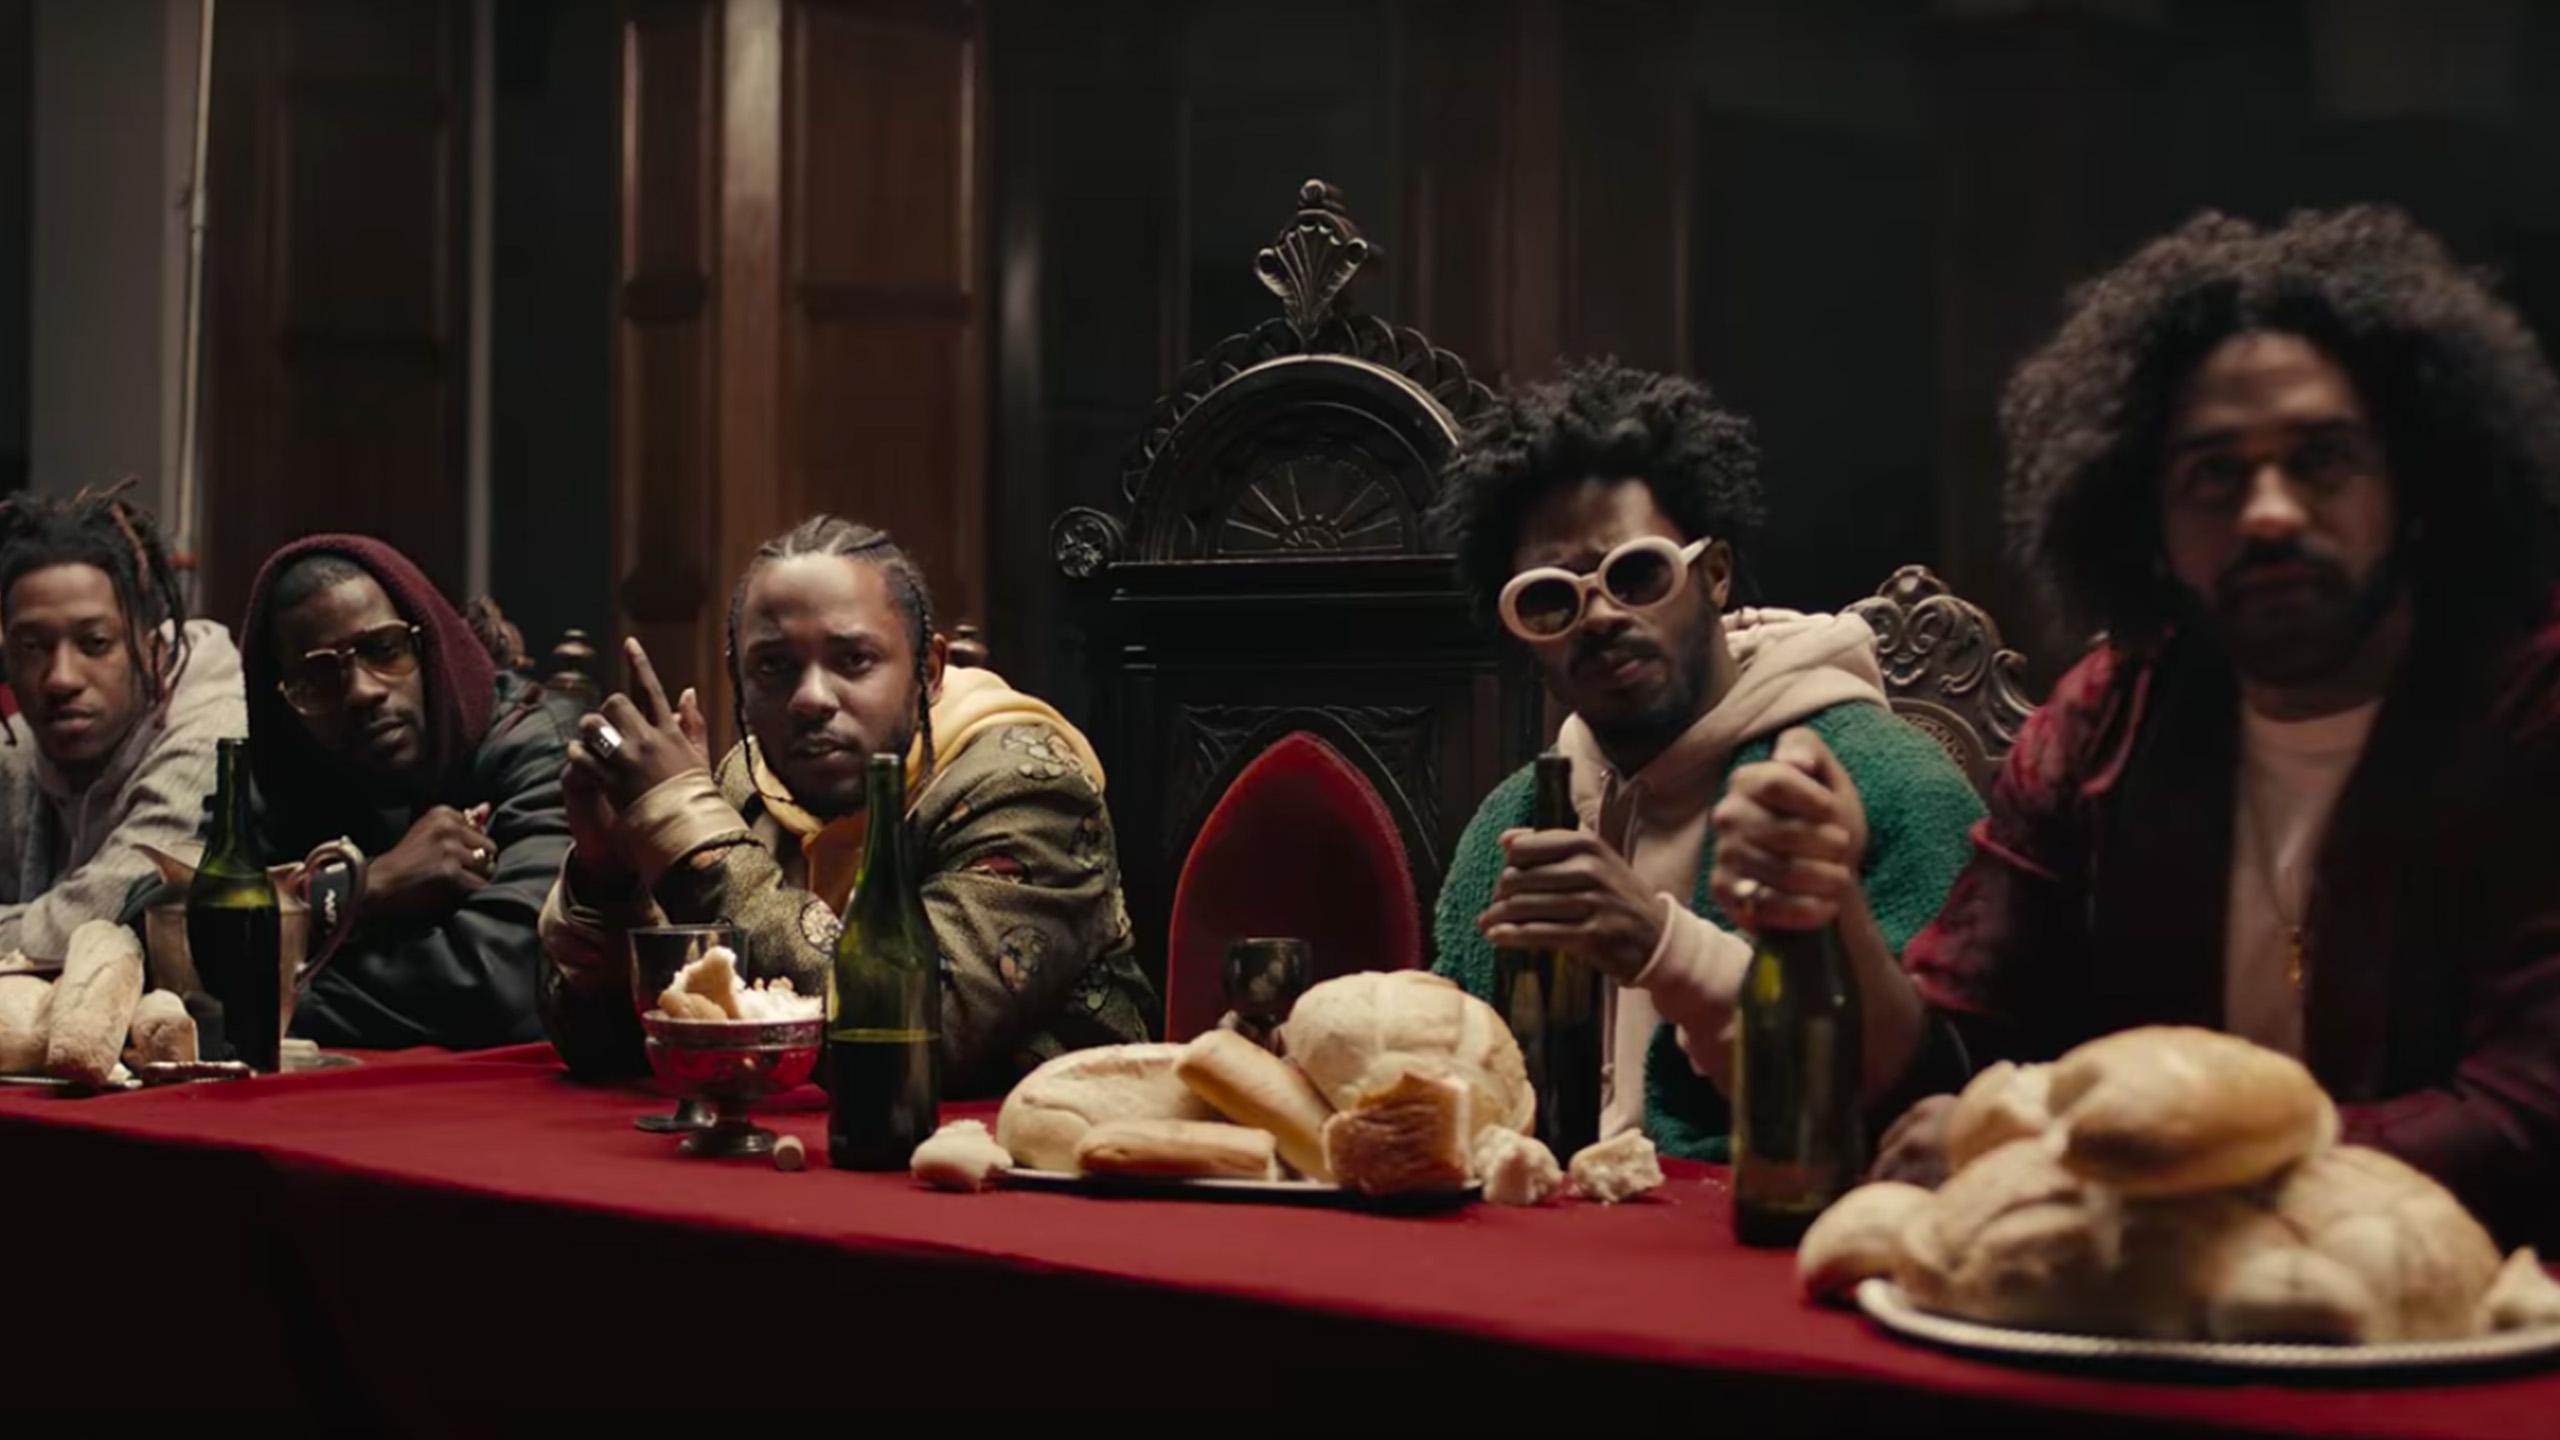 Nike Cortez x Kendrick Lamar : la collab' dévoilée ! So